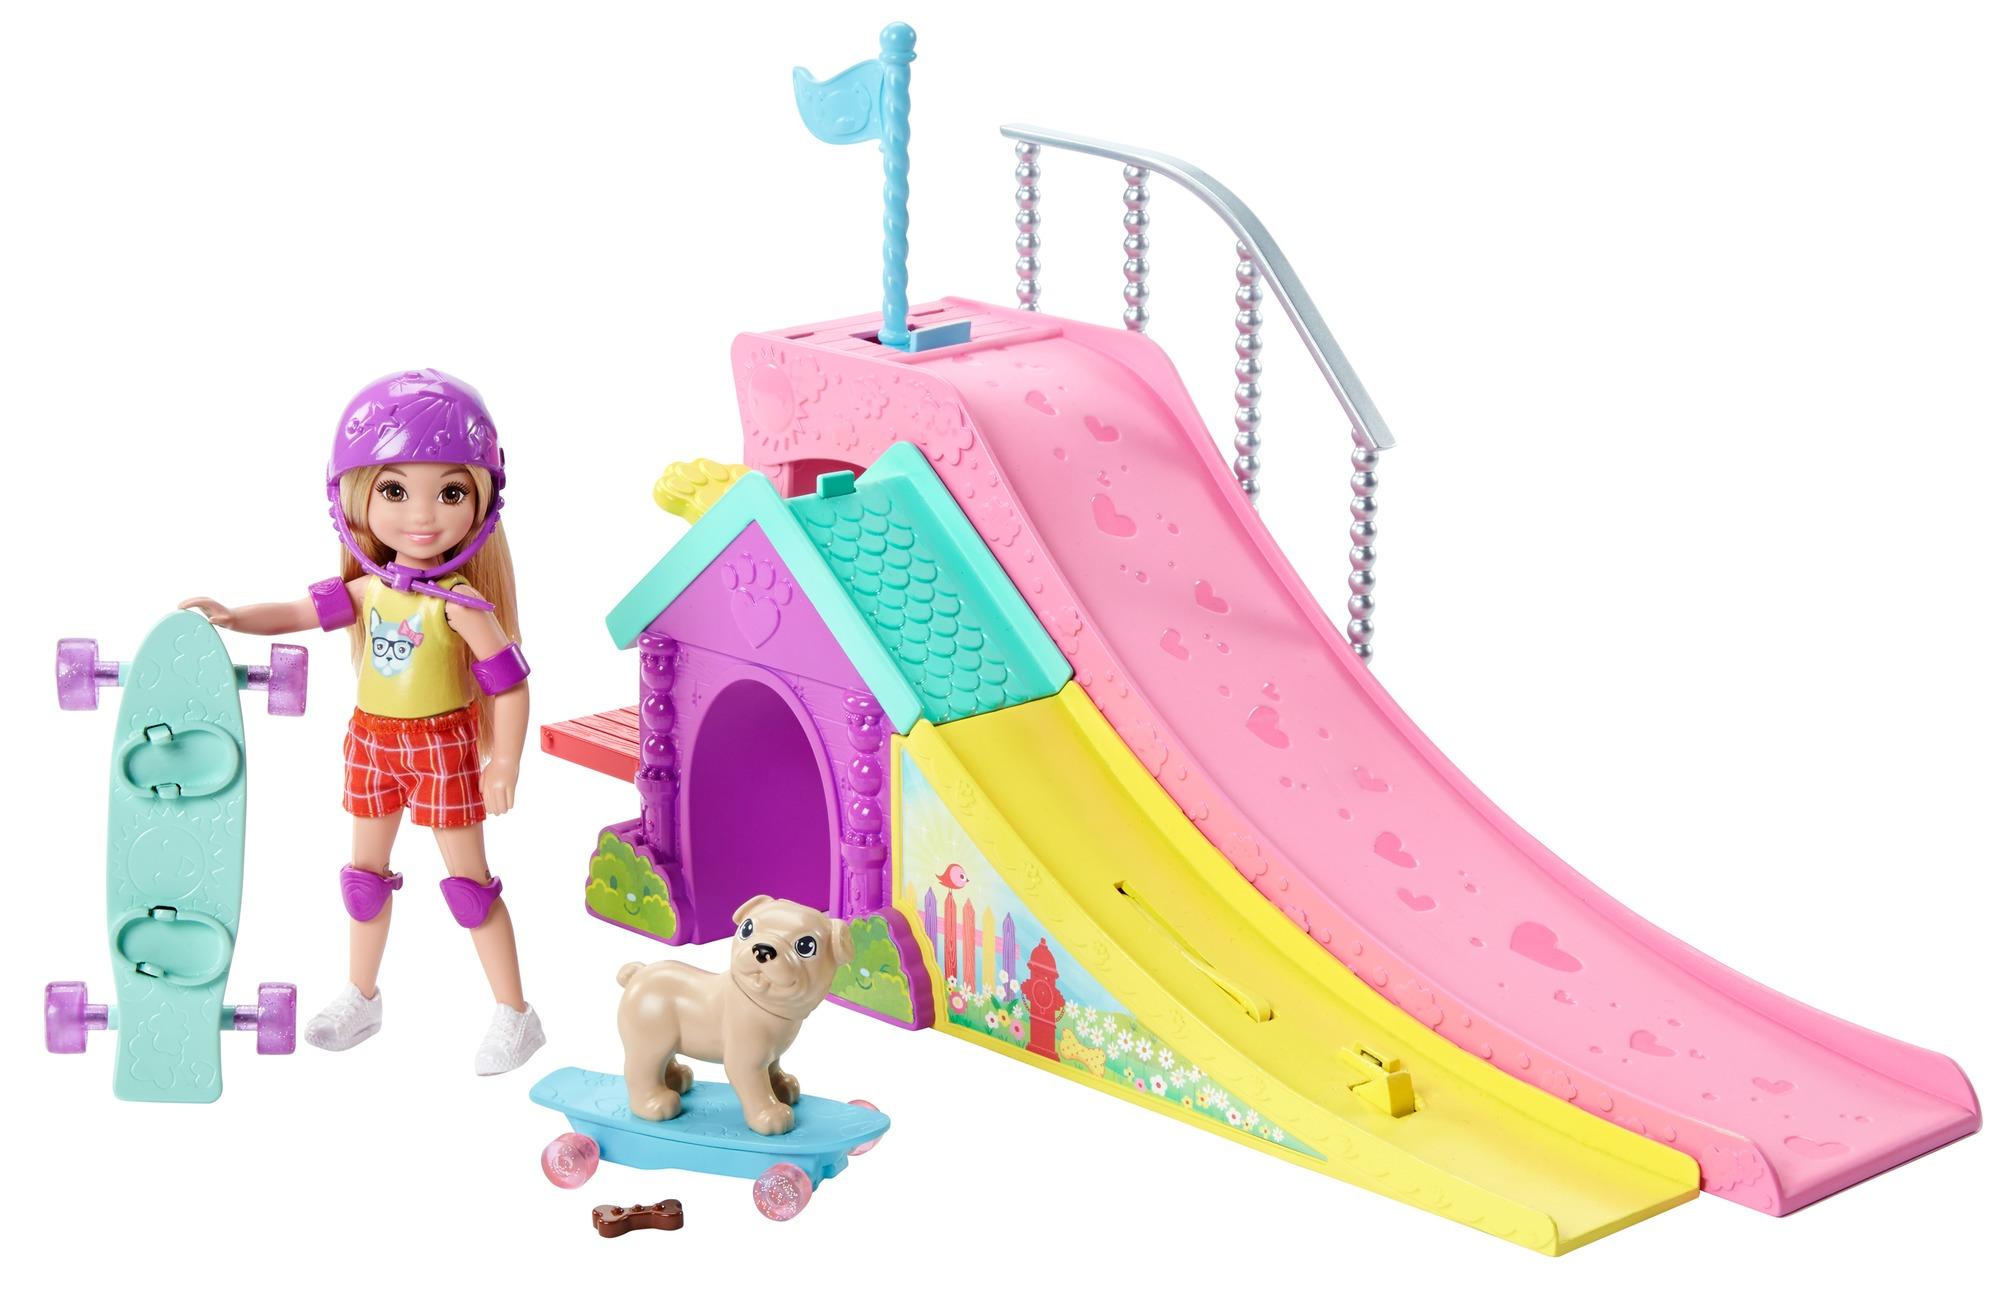 Barbie Club Chelsea Skatepark by Mattel